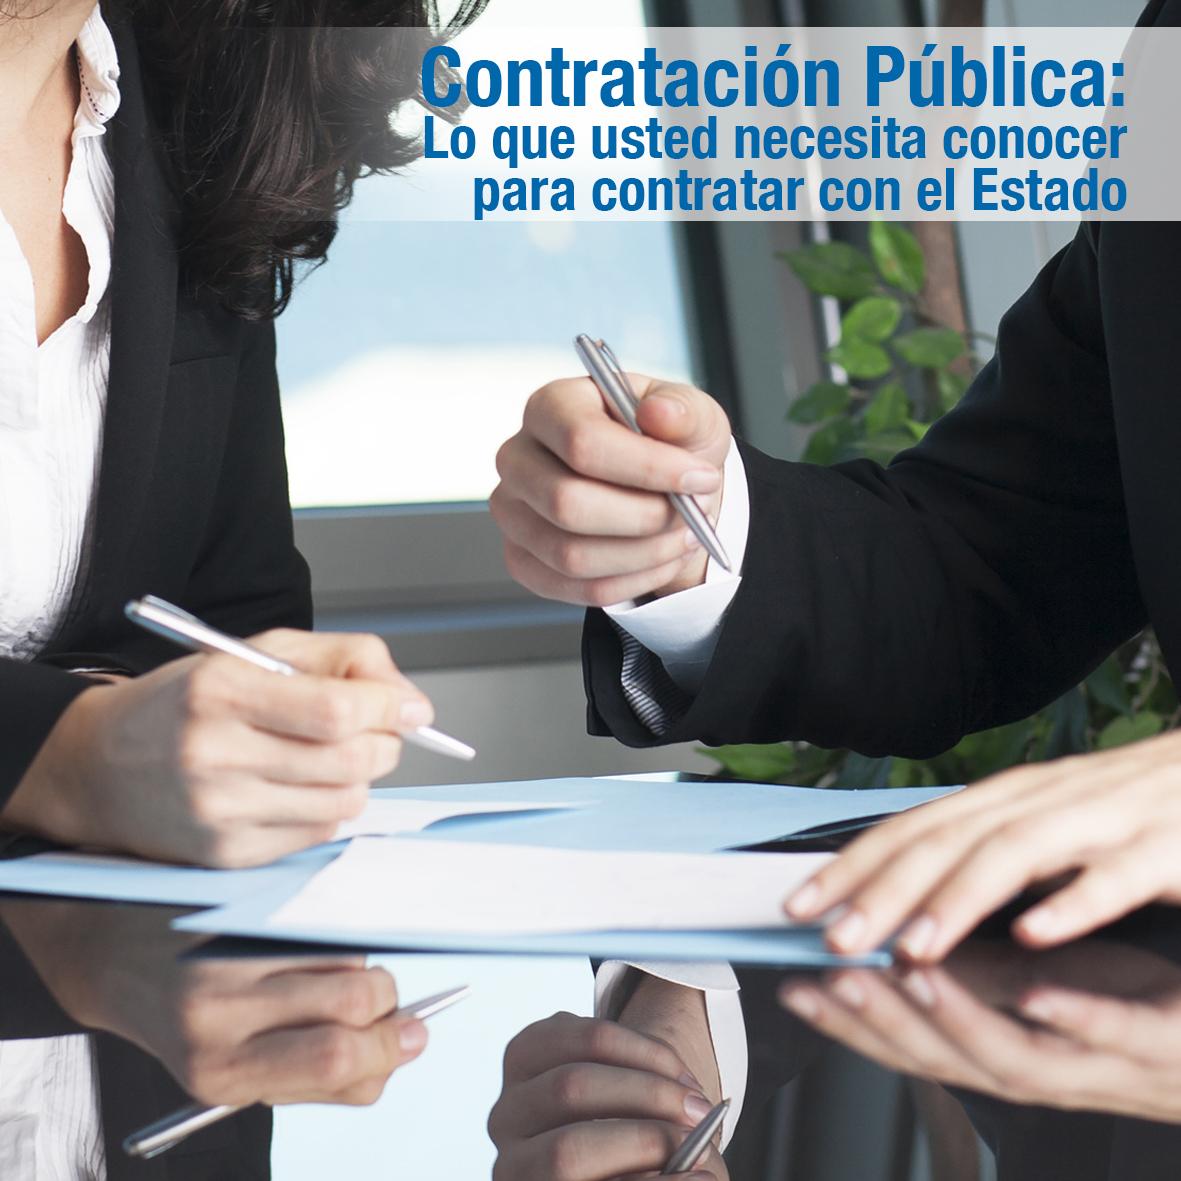 https://www.ekaenlinea.com/wp-content/uploads/2016/08/contratacion-face-cuadrado.jpg